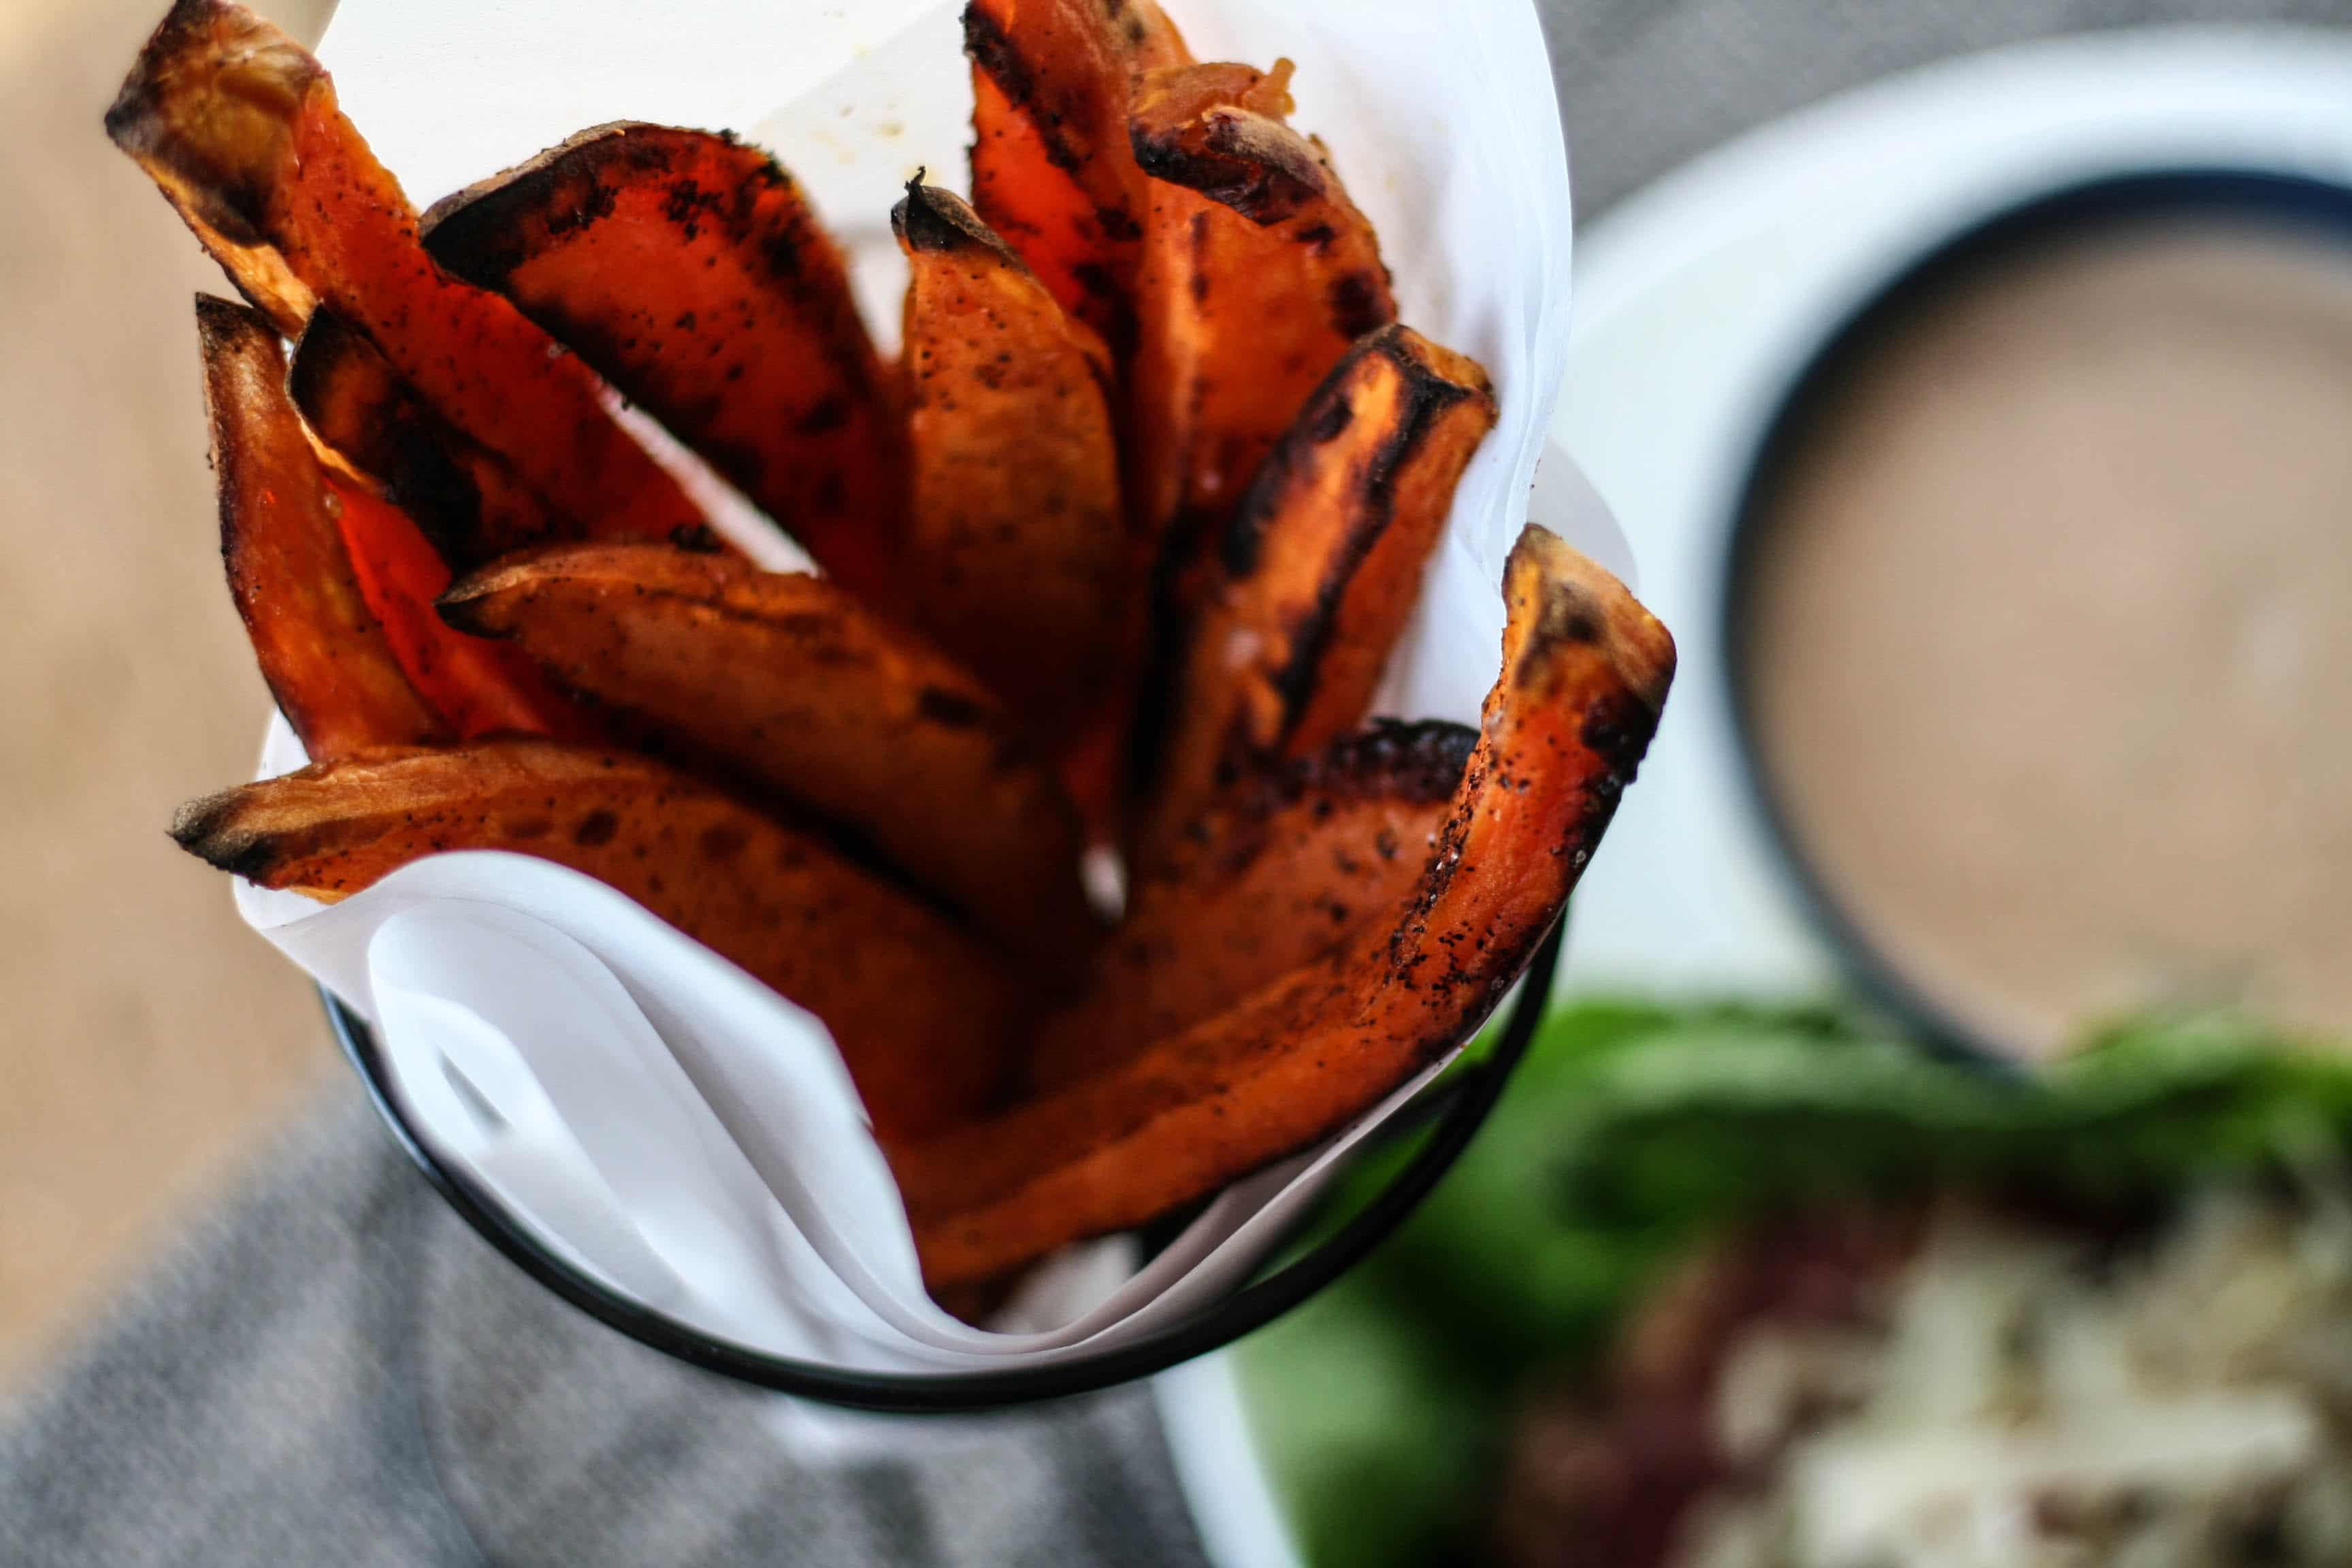 Spicy Sweet Potato Fries